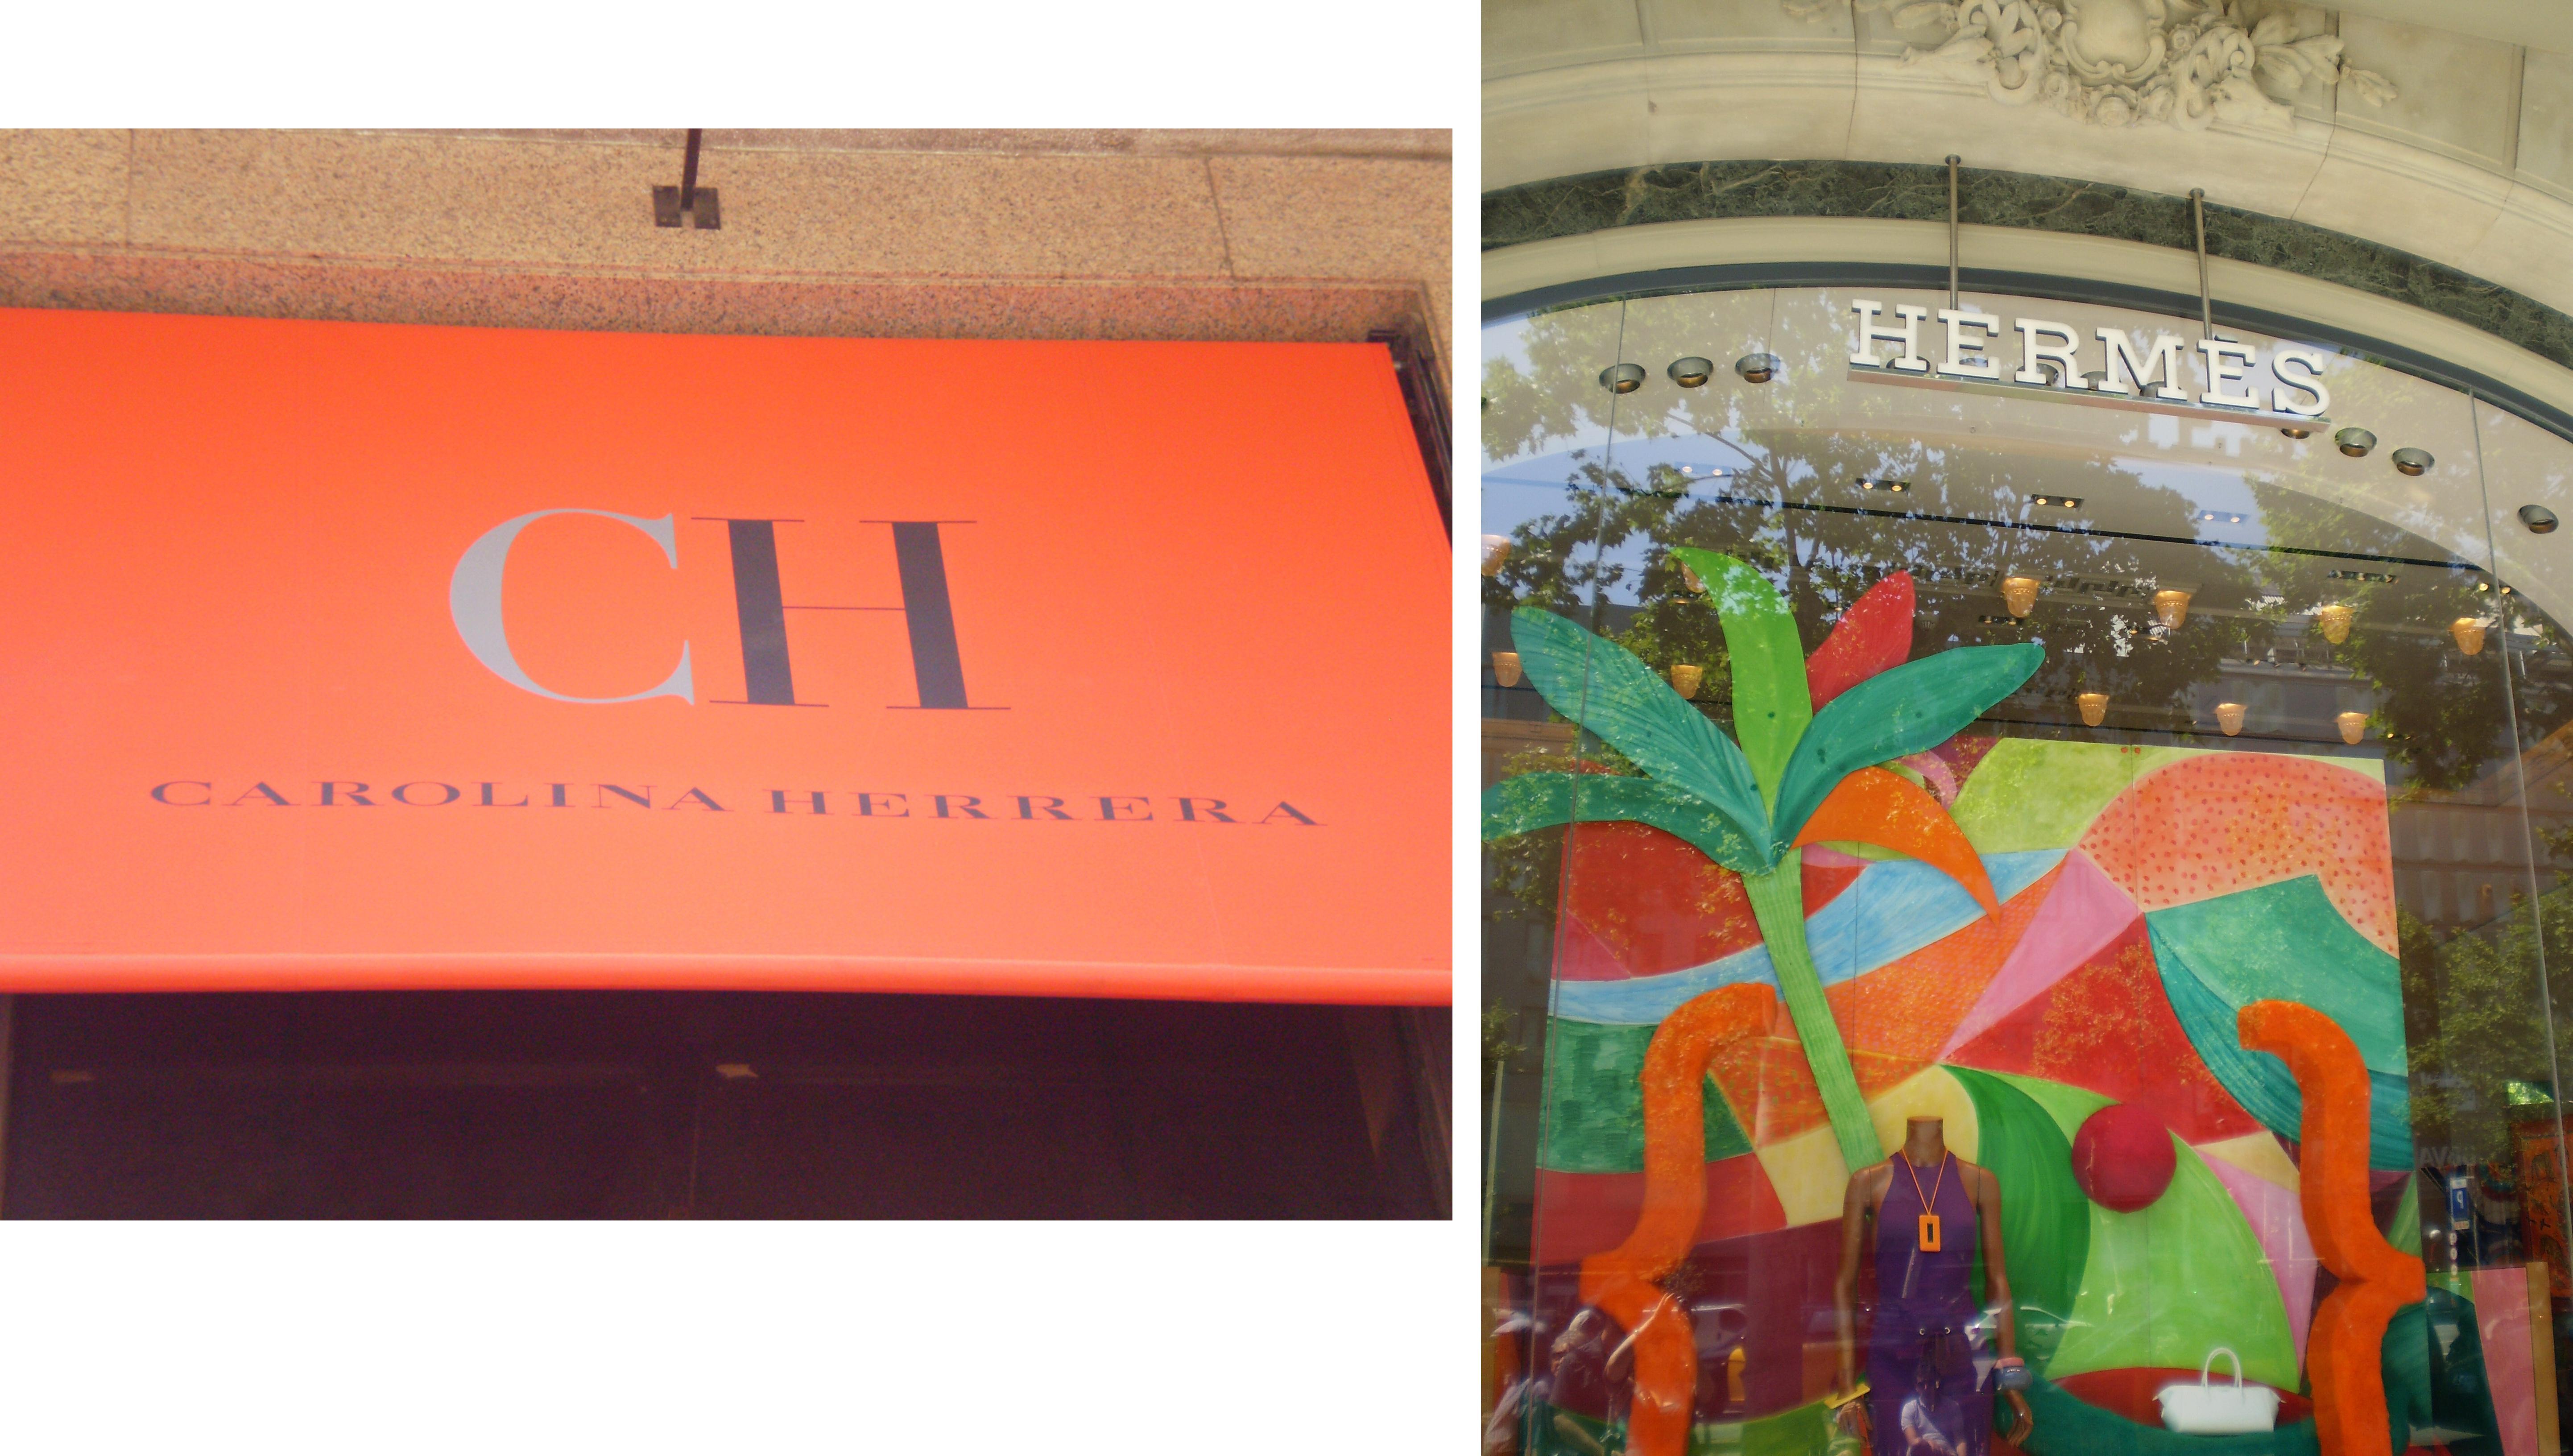 """אופנה עילית של """"קרולינה הררה"""" ו""""הרמז"""" ברחובותיה הראשיים של ברצלונה. צילום: אריאלה גויכמן"""